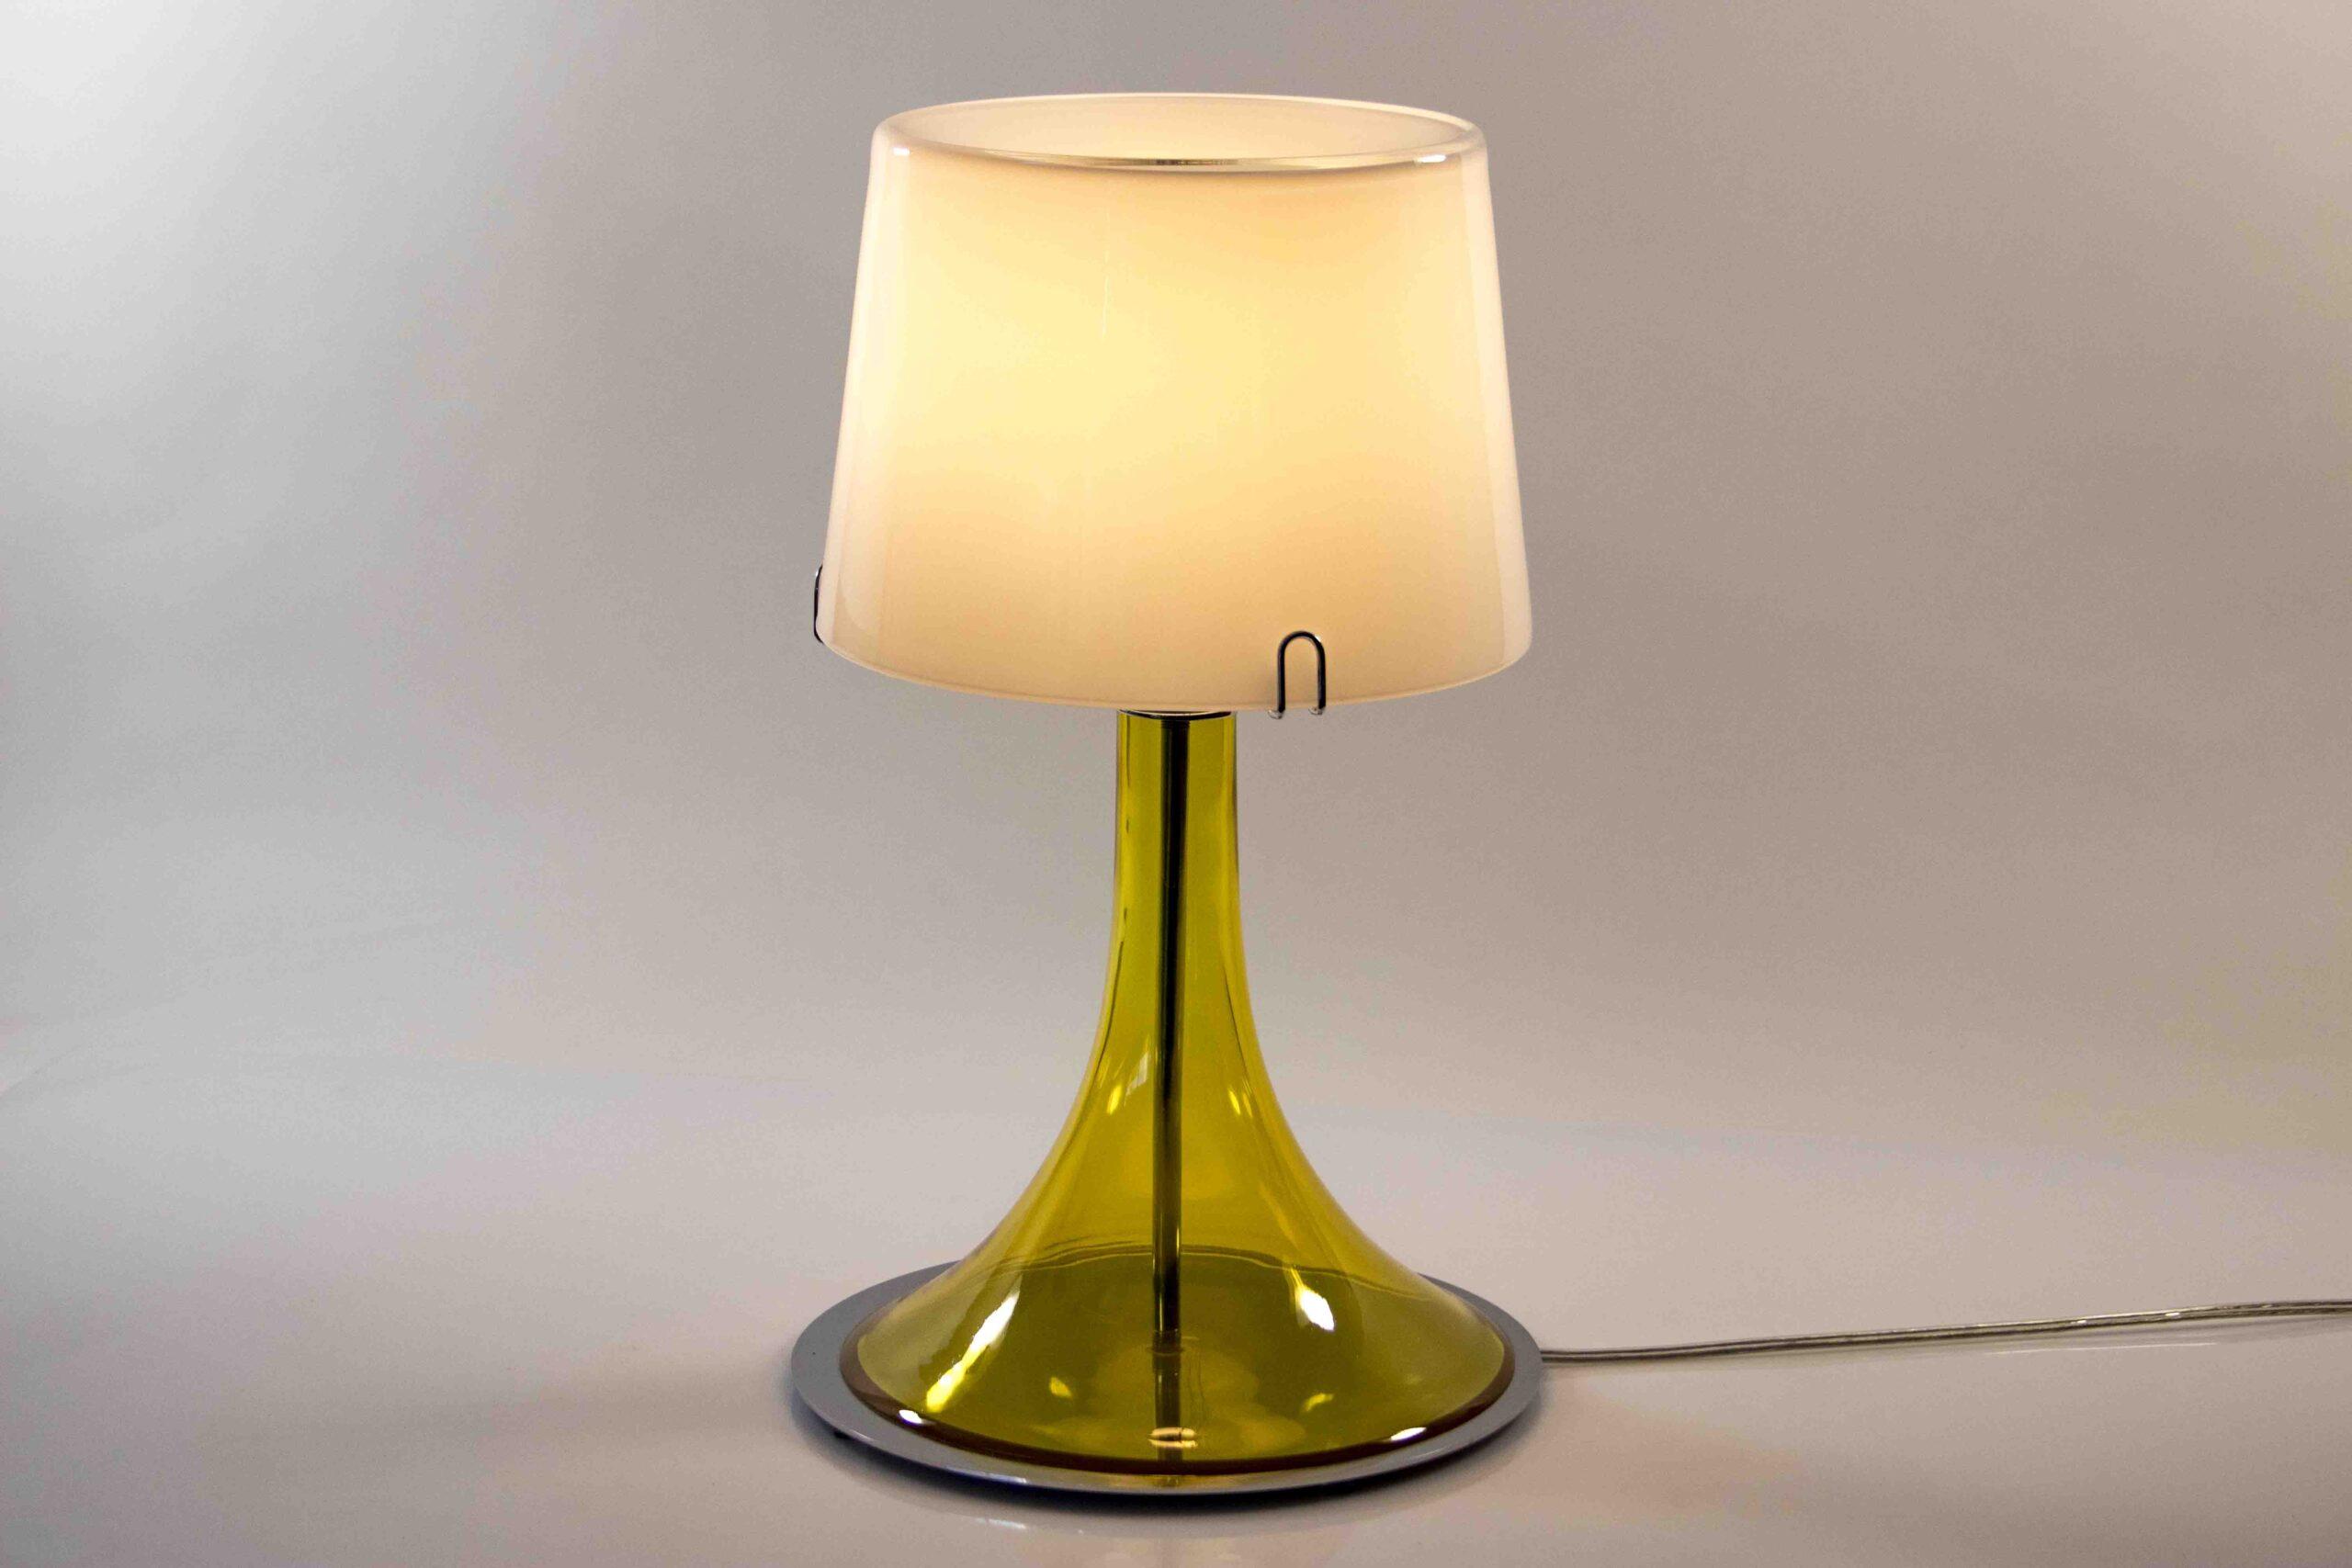 Design Tafellamp Sahara van Loranto